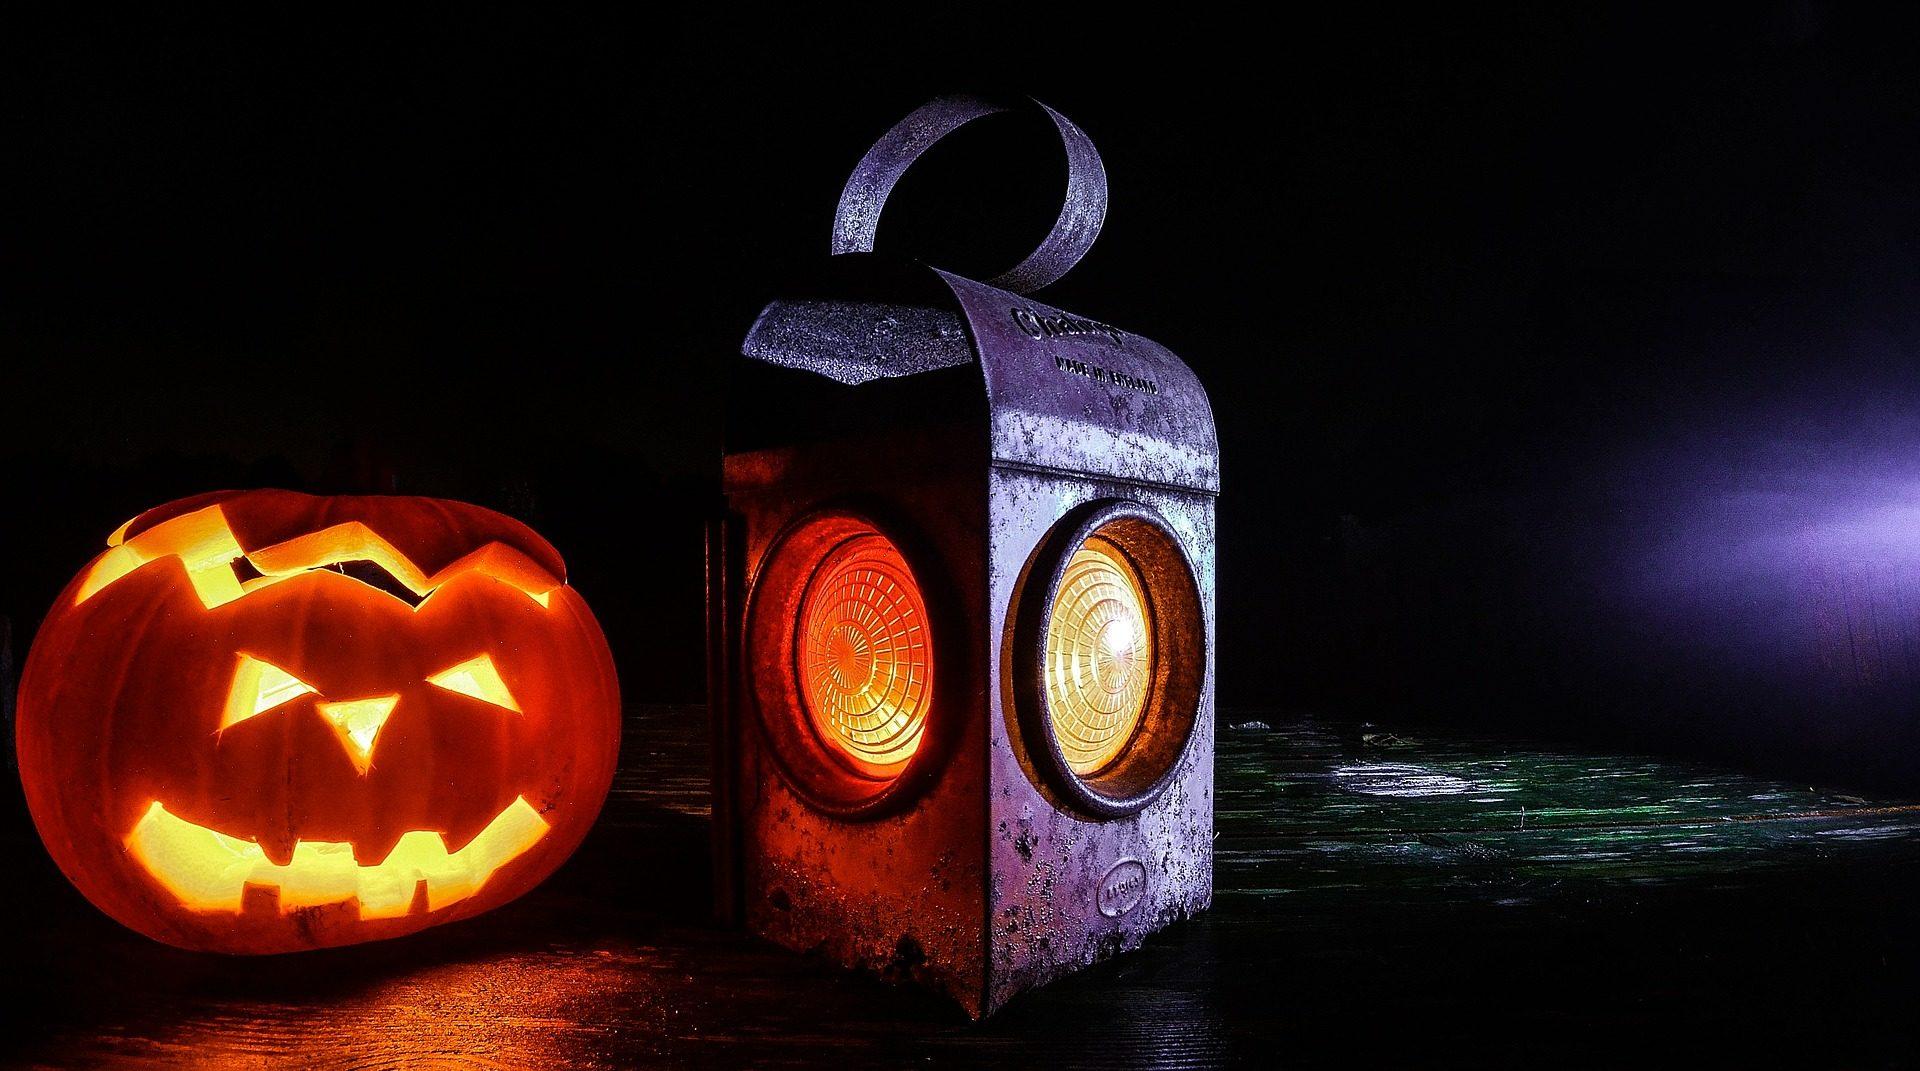 calabaza, encendida, farol, noche, tinieblas, halloween - Fondos de Pantalla HD - professor-falken.com